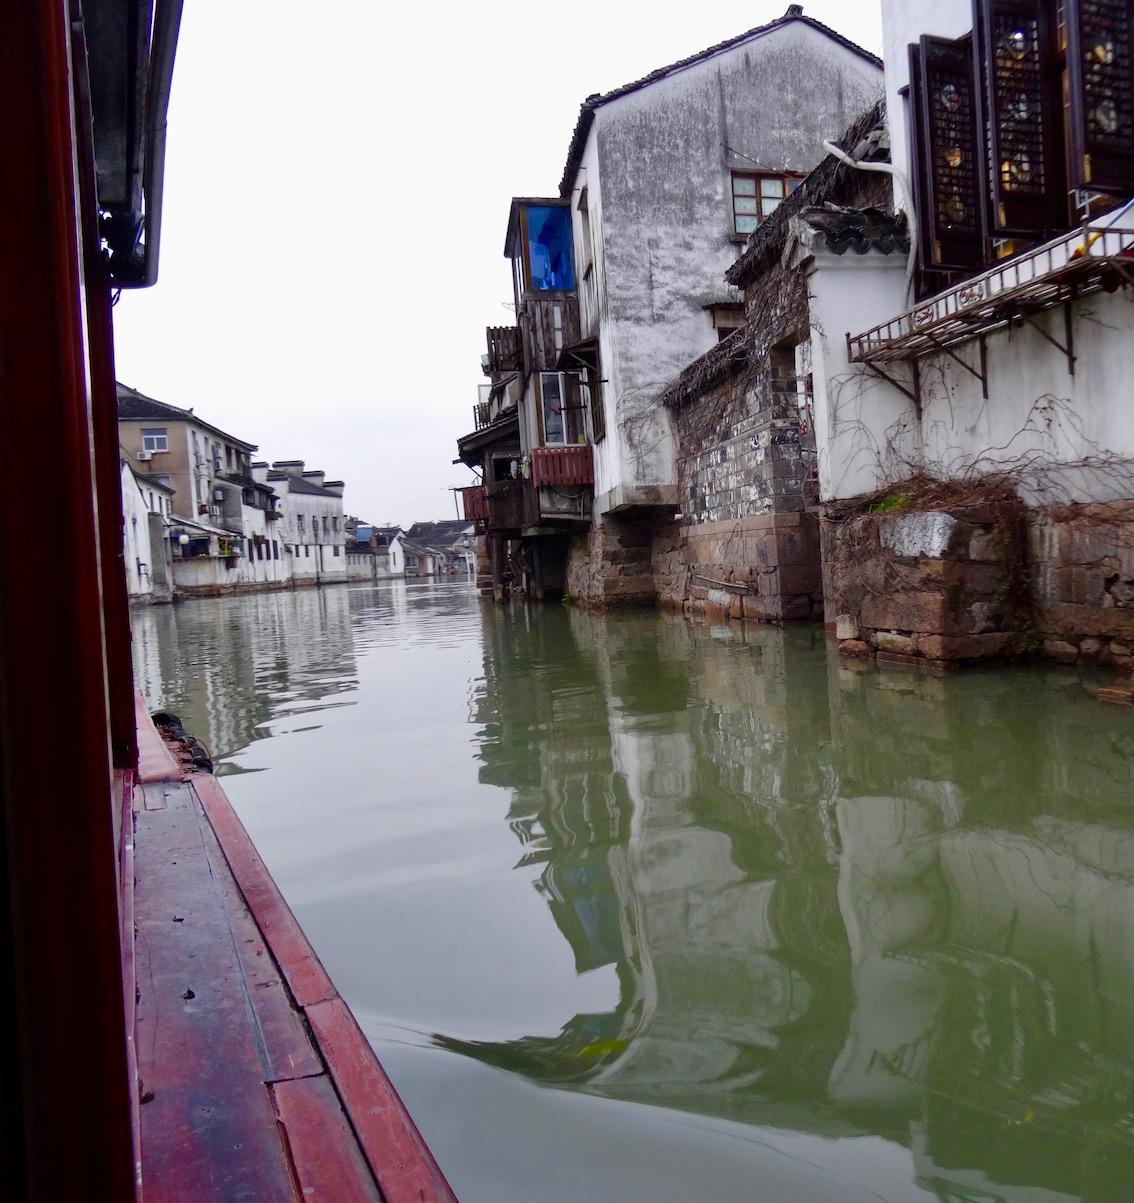 Suzhou canal cruise from Shantang Street Jiangsu Province China.